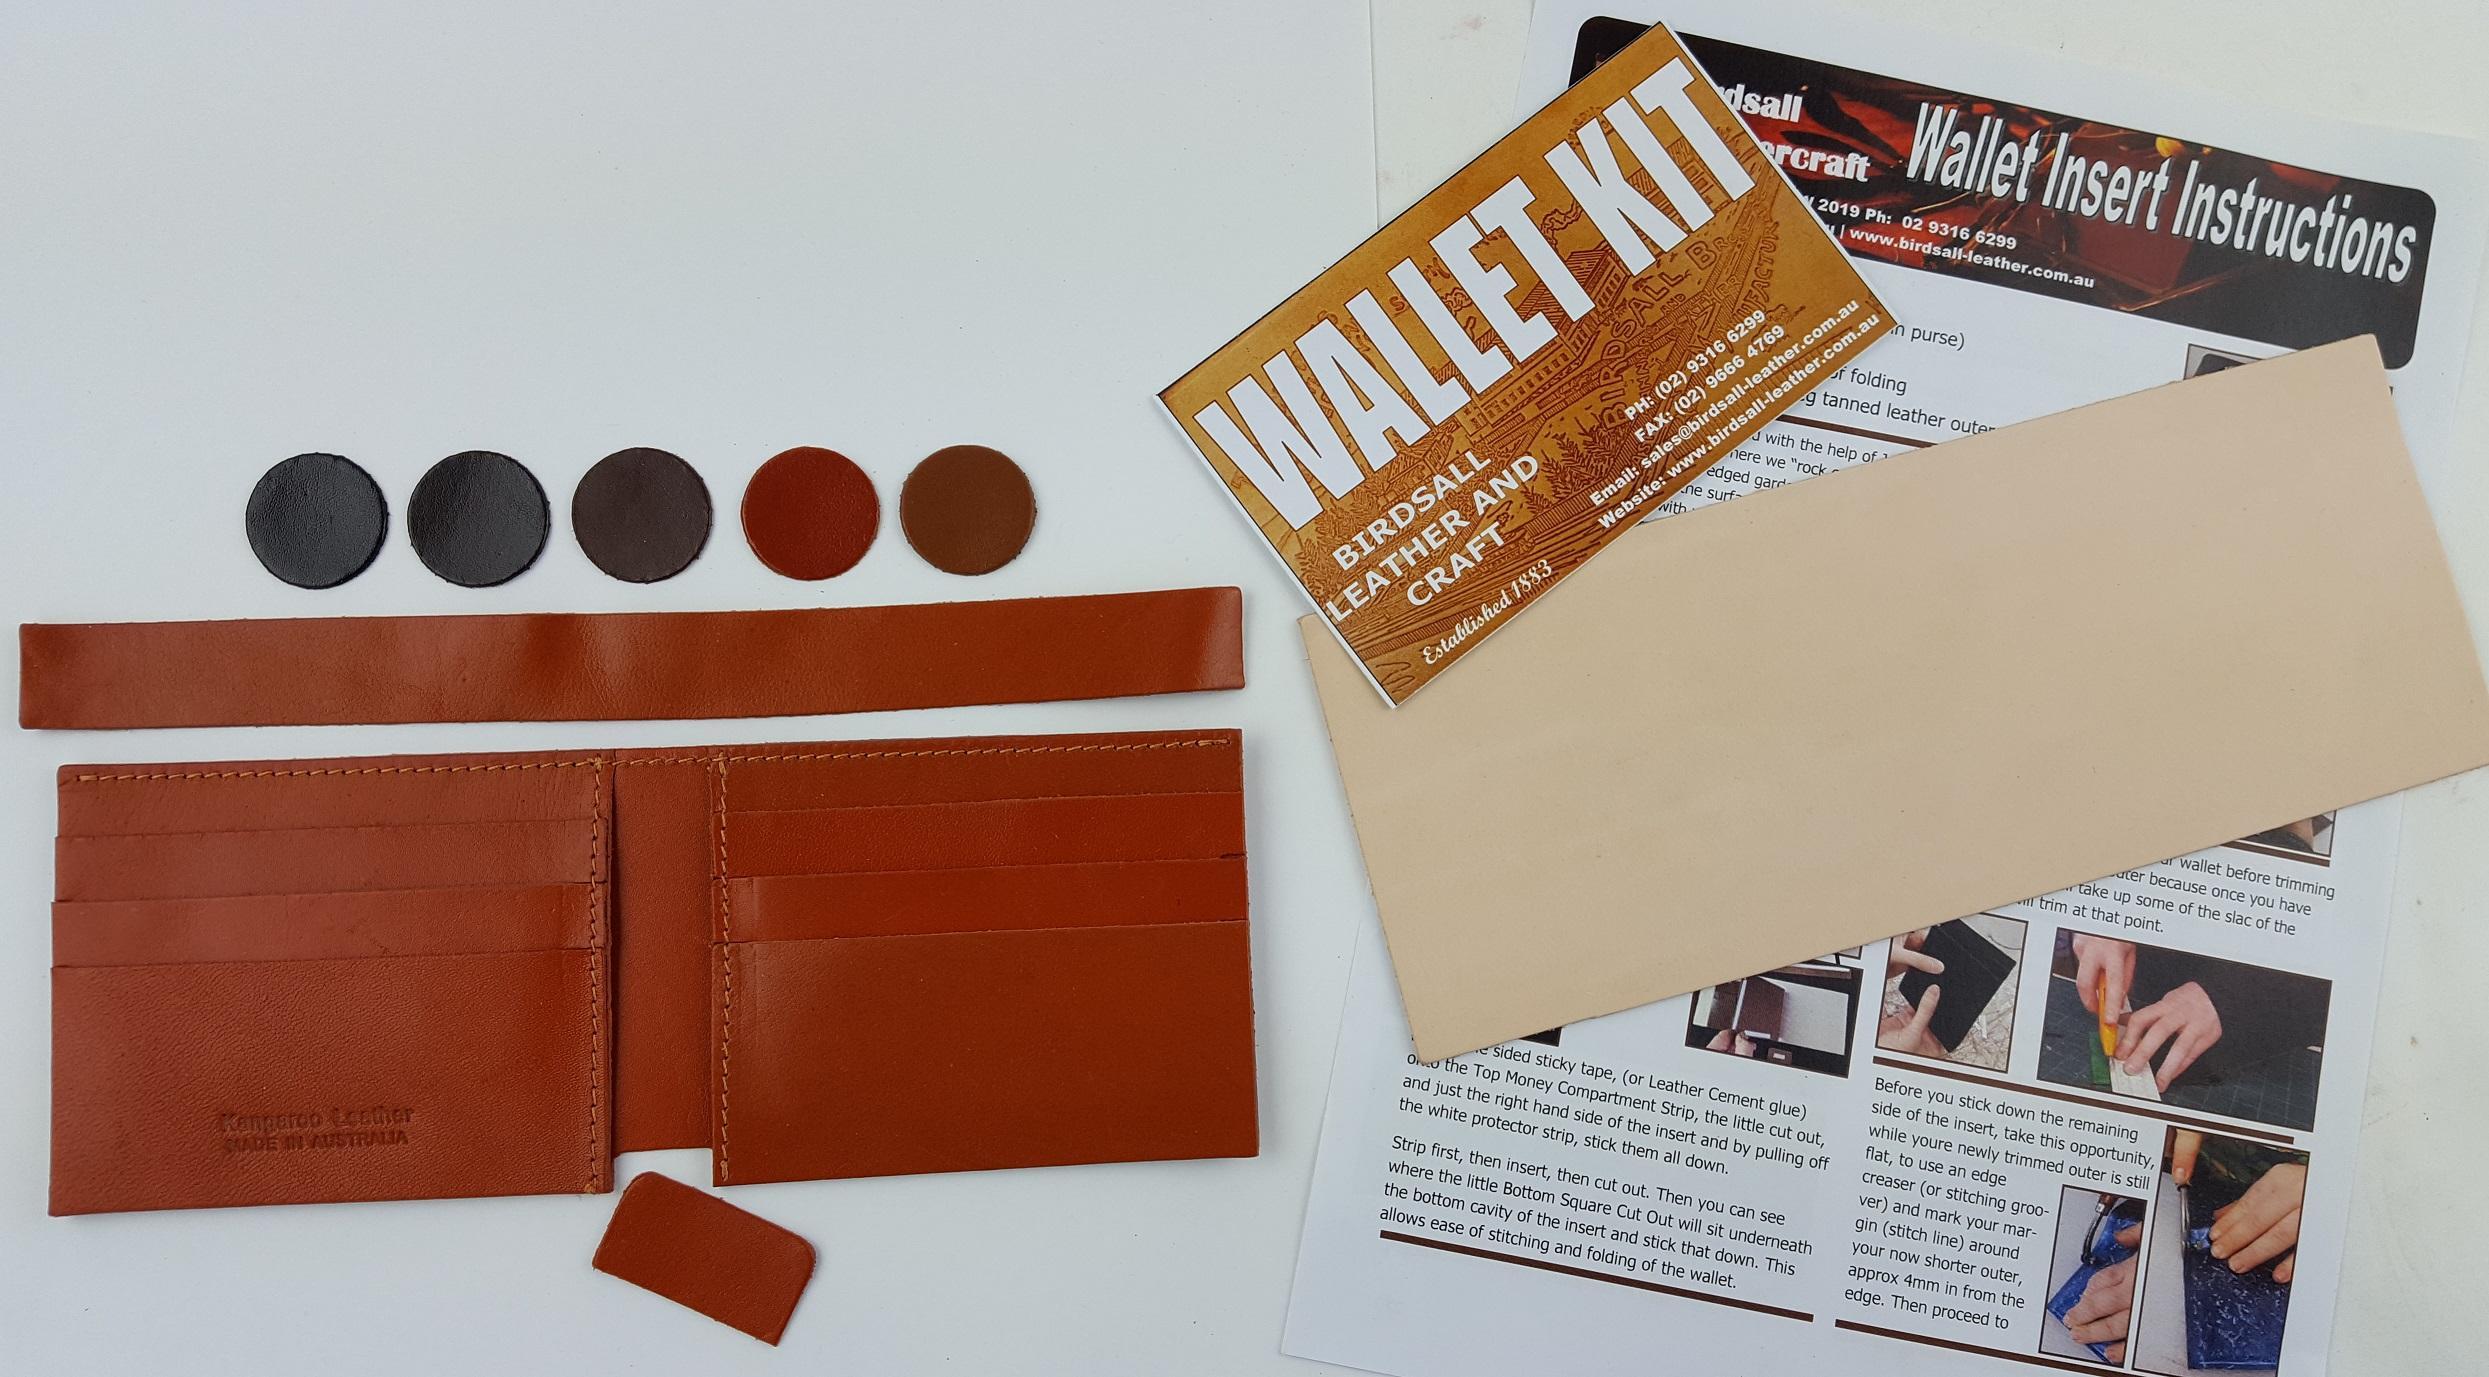 Wallet insert 6 slot cards Kit